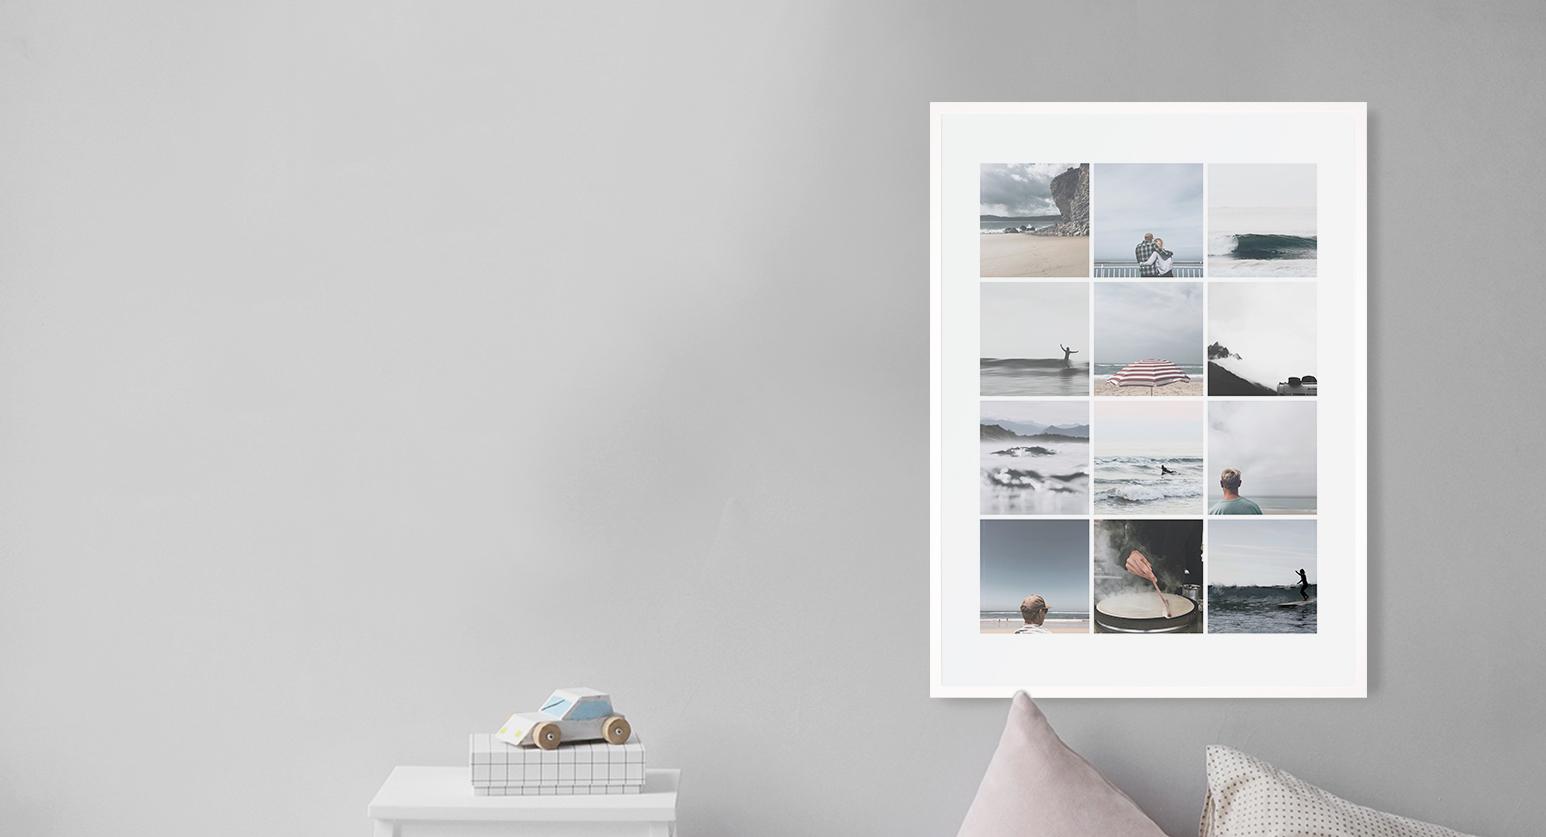 framkalla-bilder-fotoposter-inredningstip.jpg